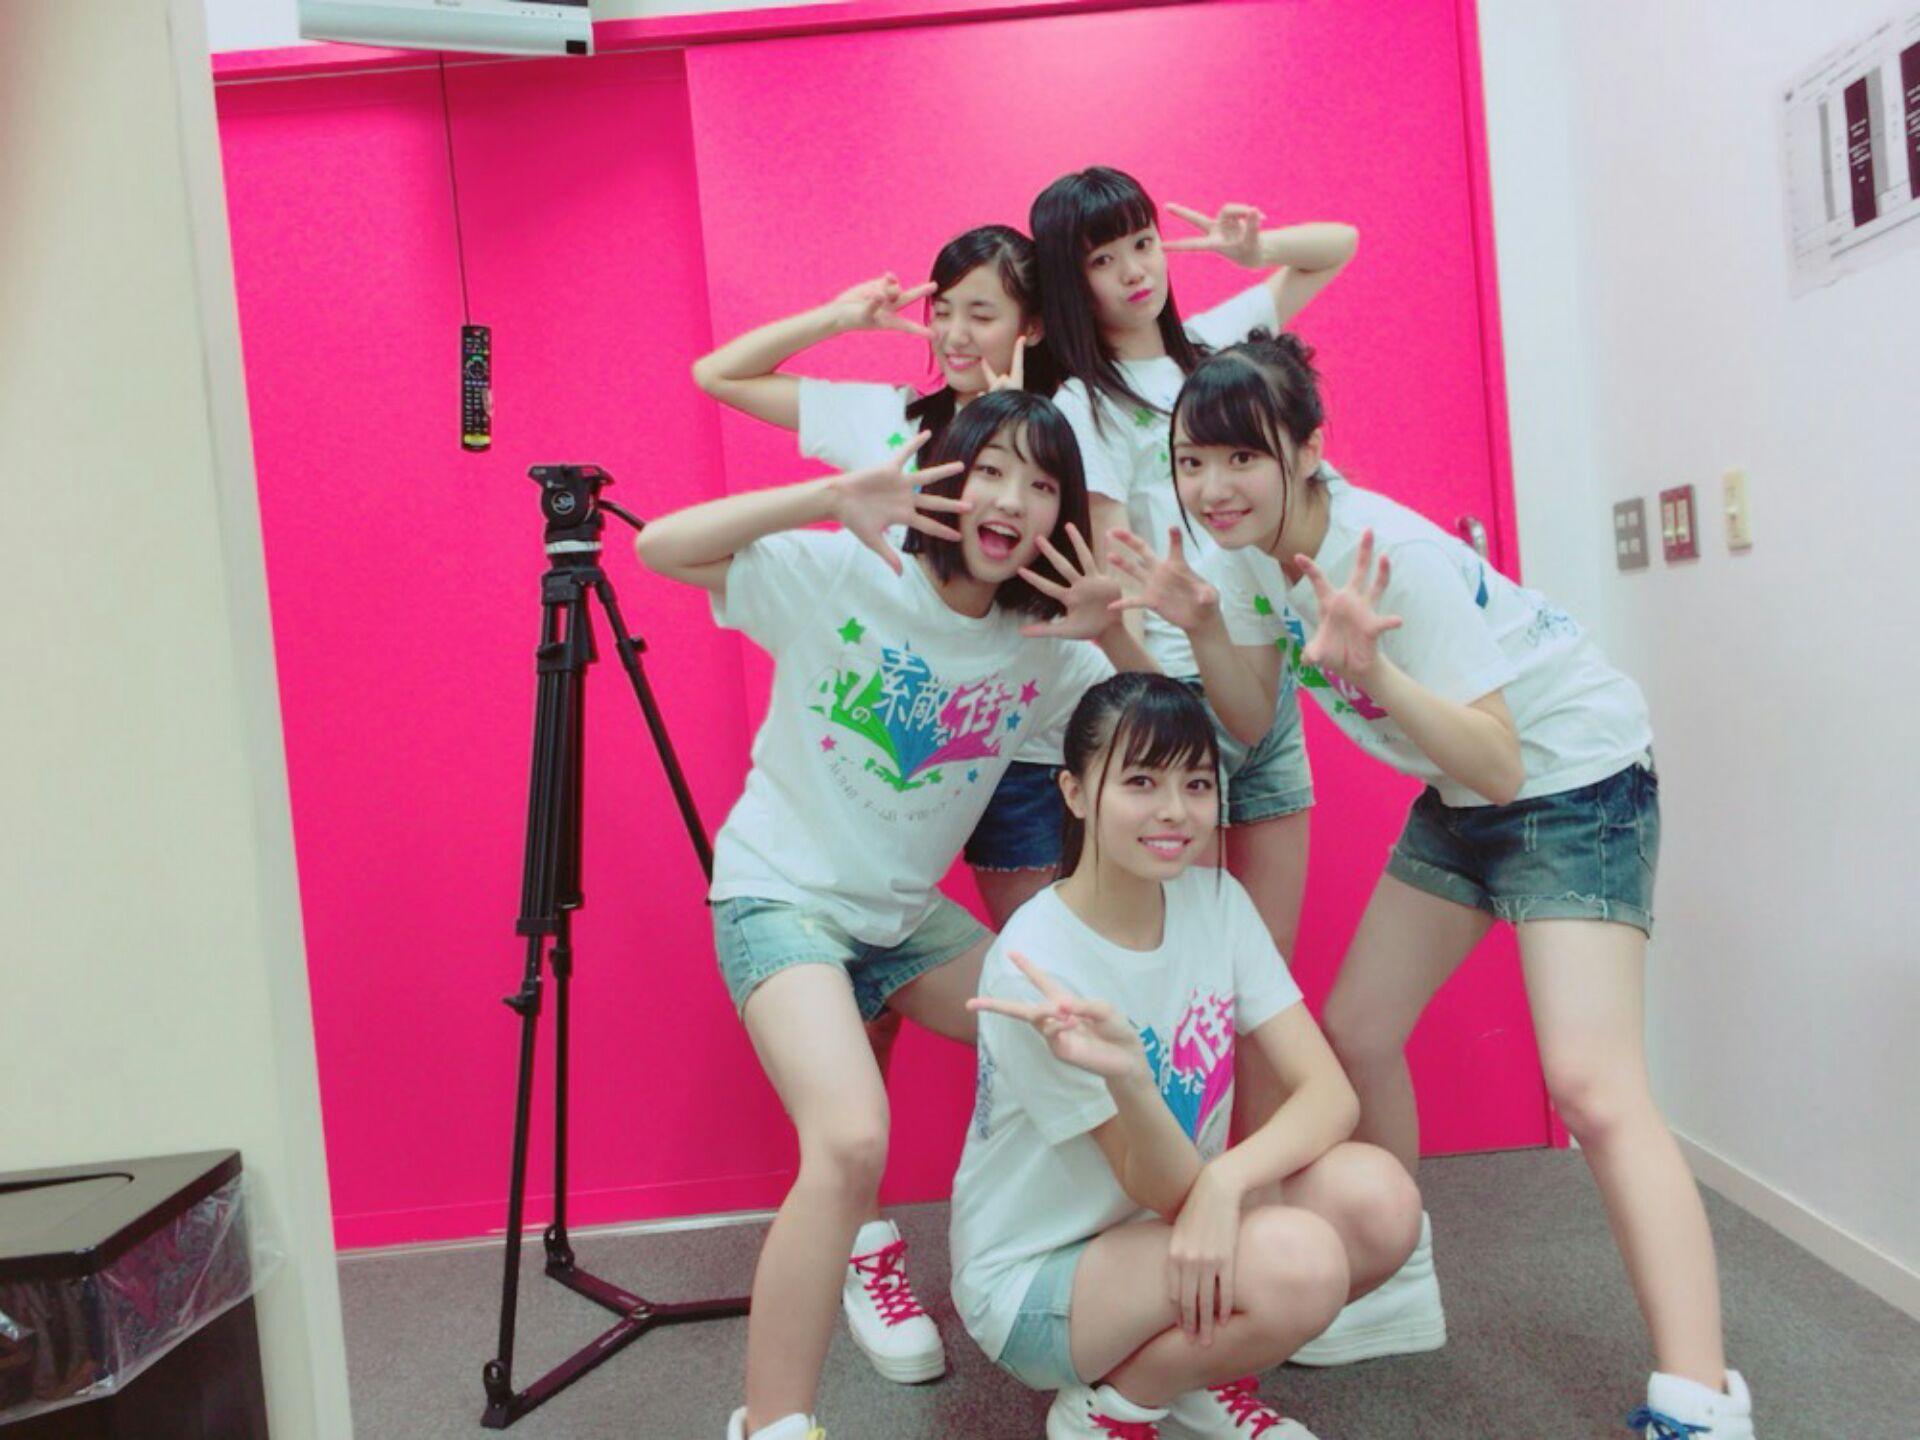 【AKB48チーム8/チームK】中野郁海応援スレ☆28.1【いくみん】©2ch.netYouTube動画>45本 ->画像>106枚